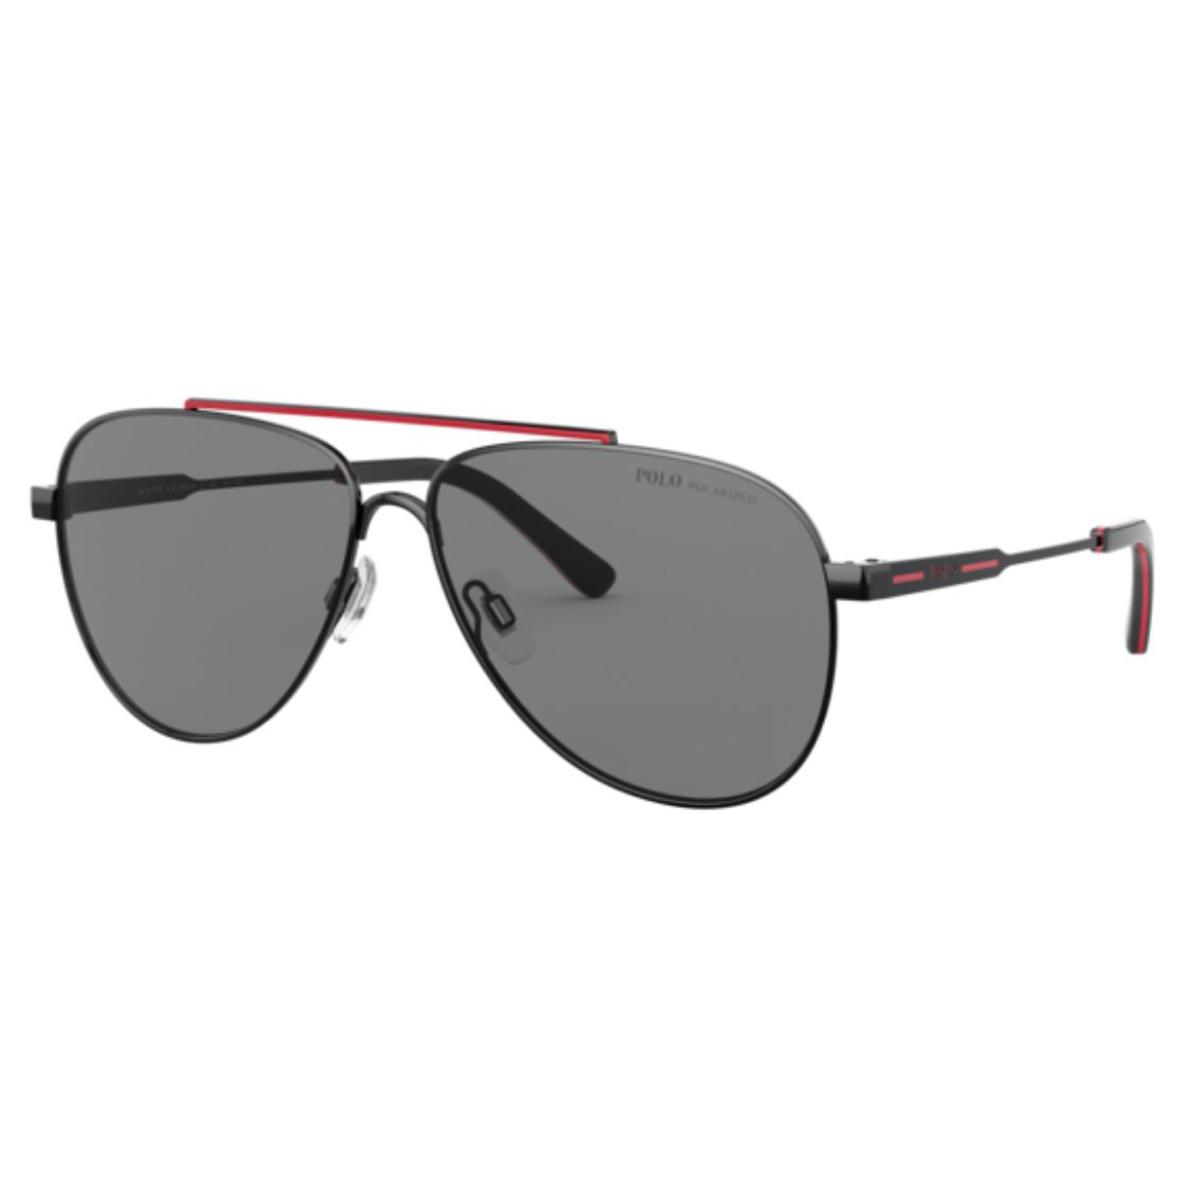 Óculos de Sol Polarizado Polo PH3126 Piloto Preto com Vermelho